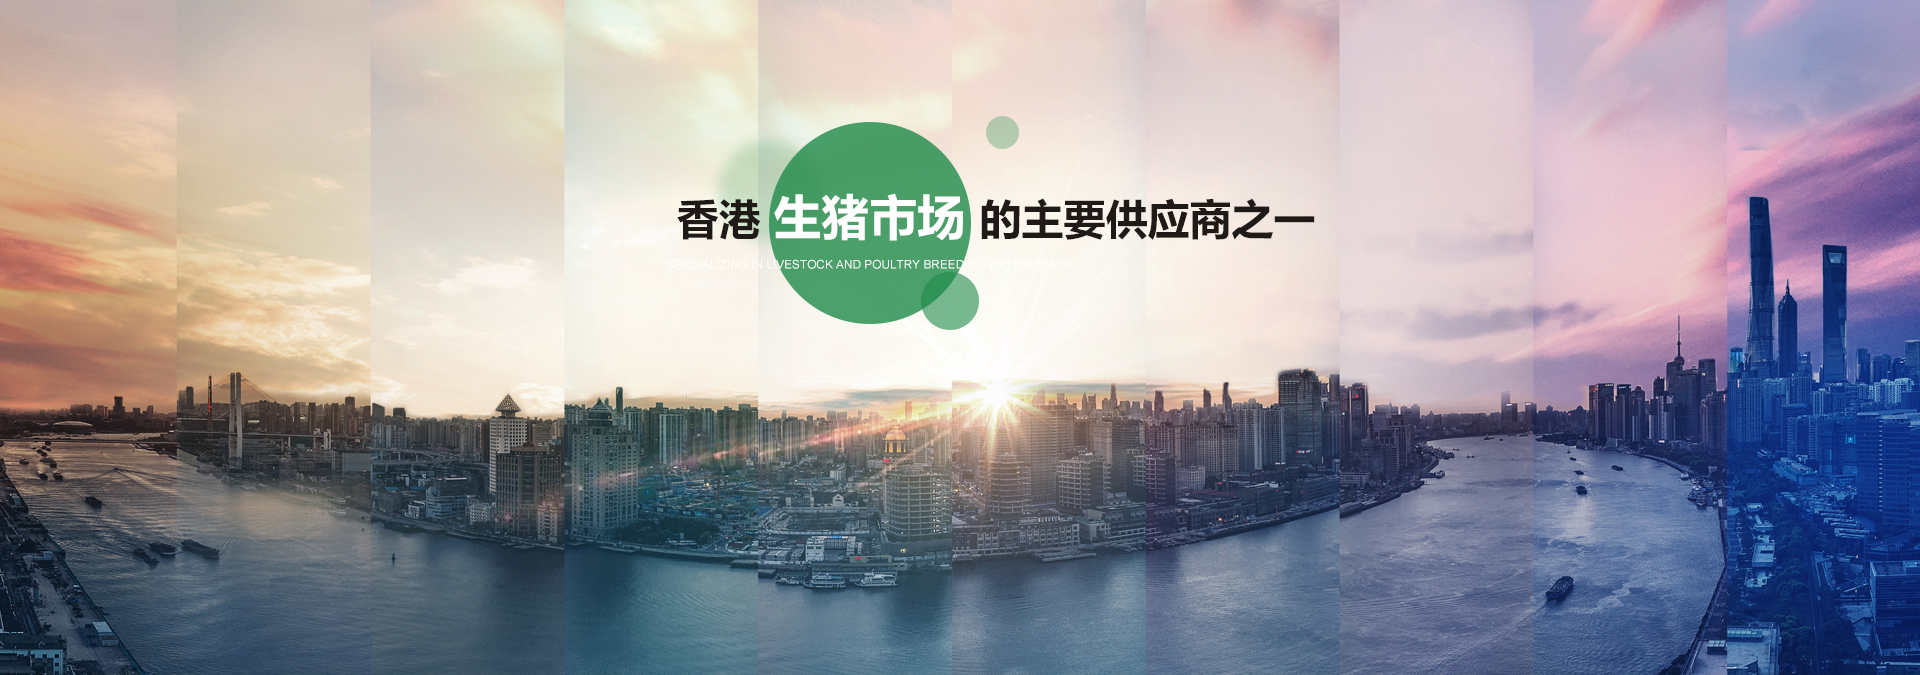 湖北金旭农业发展股份有限公司